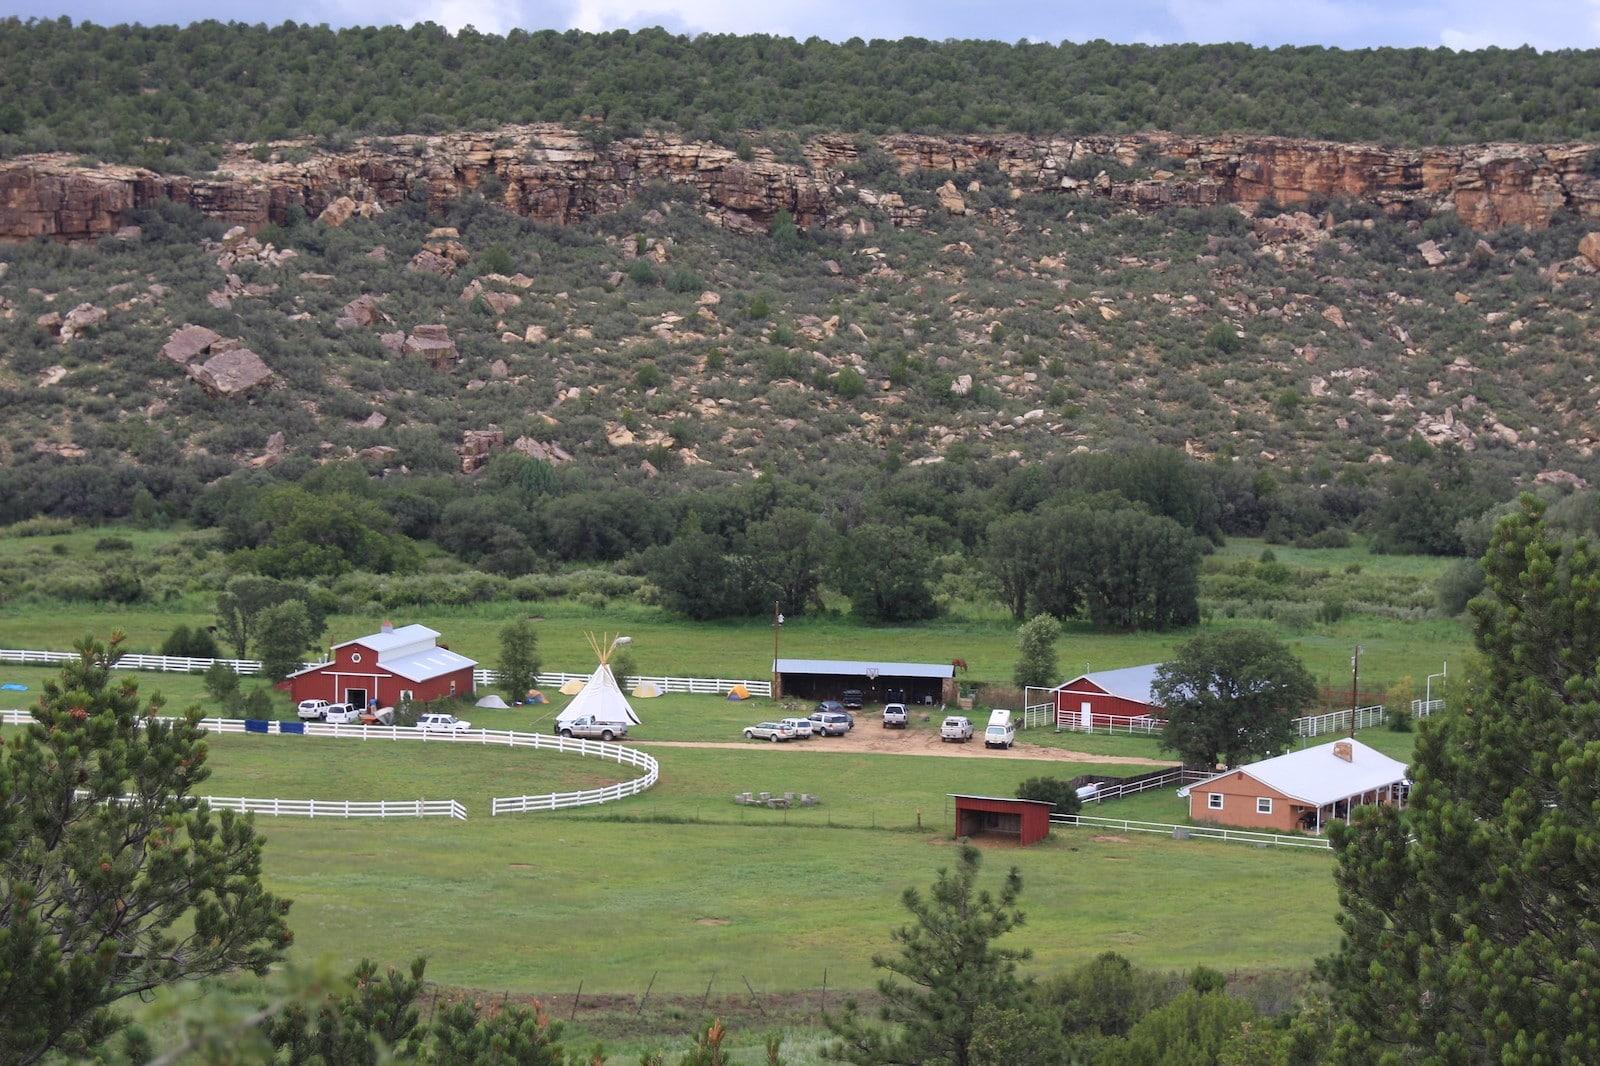 Image of the Wind River Ranch in Estes Park, Colorado